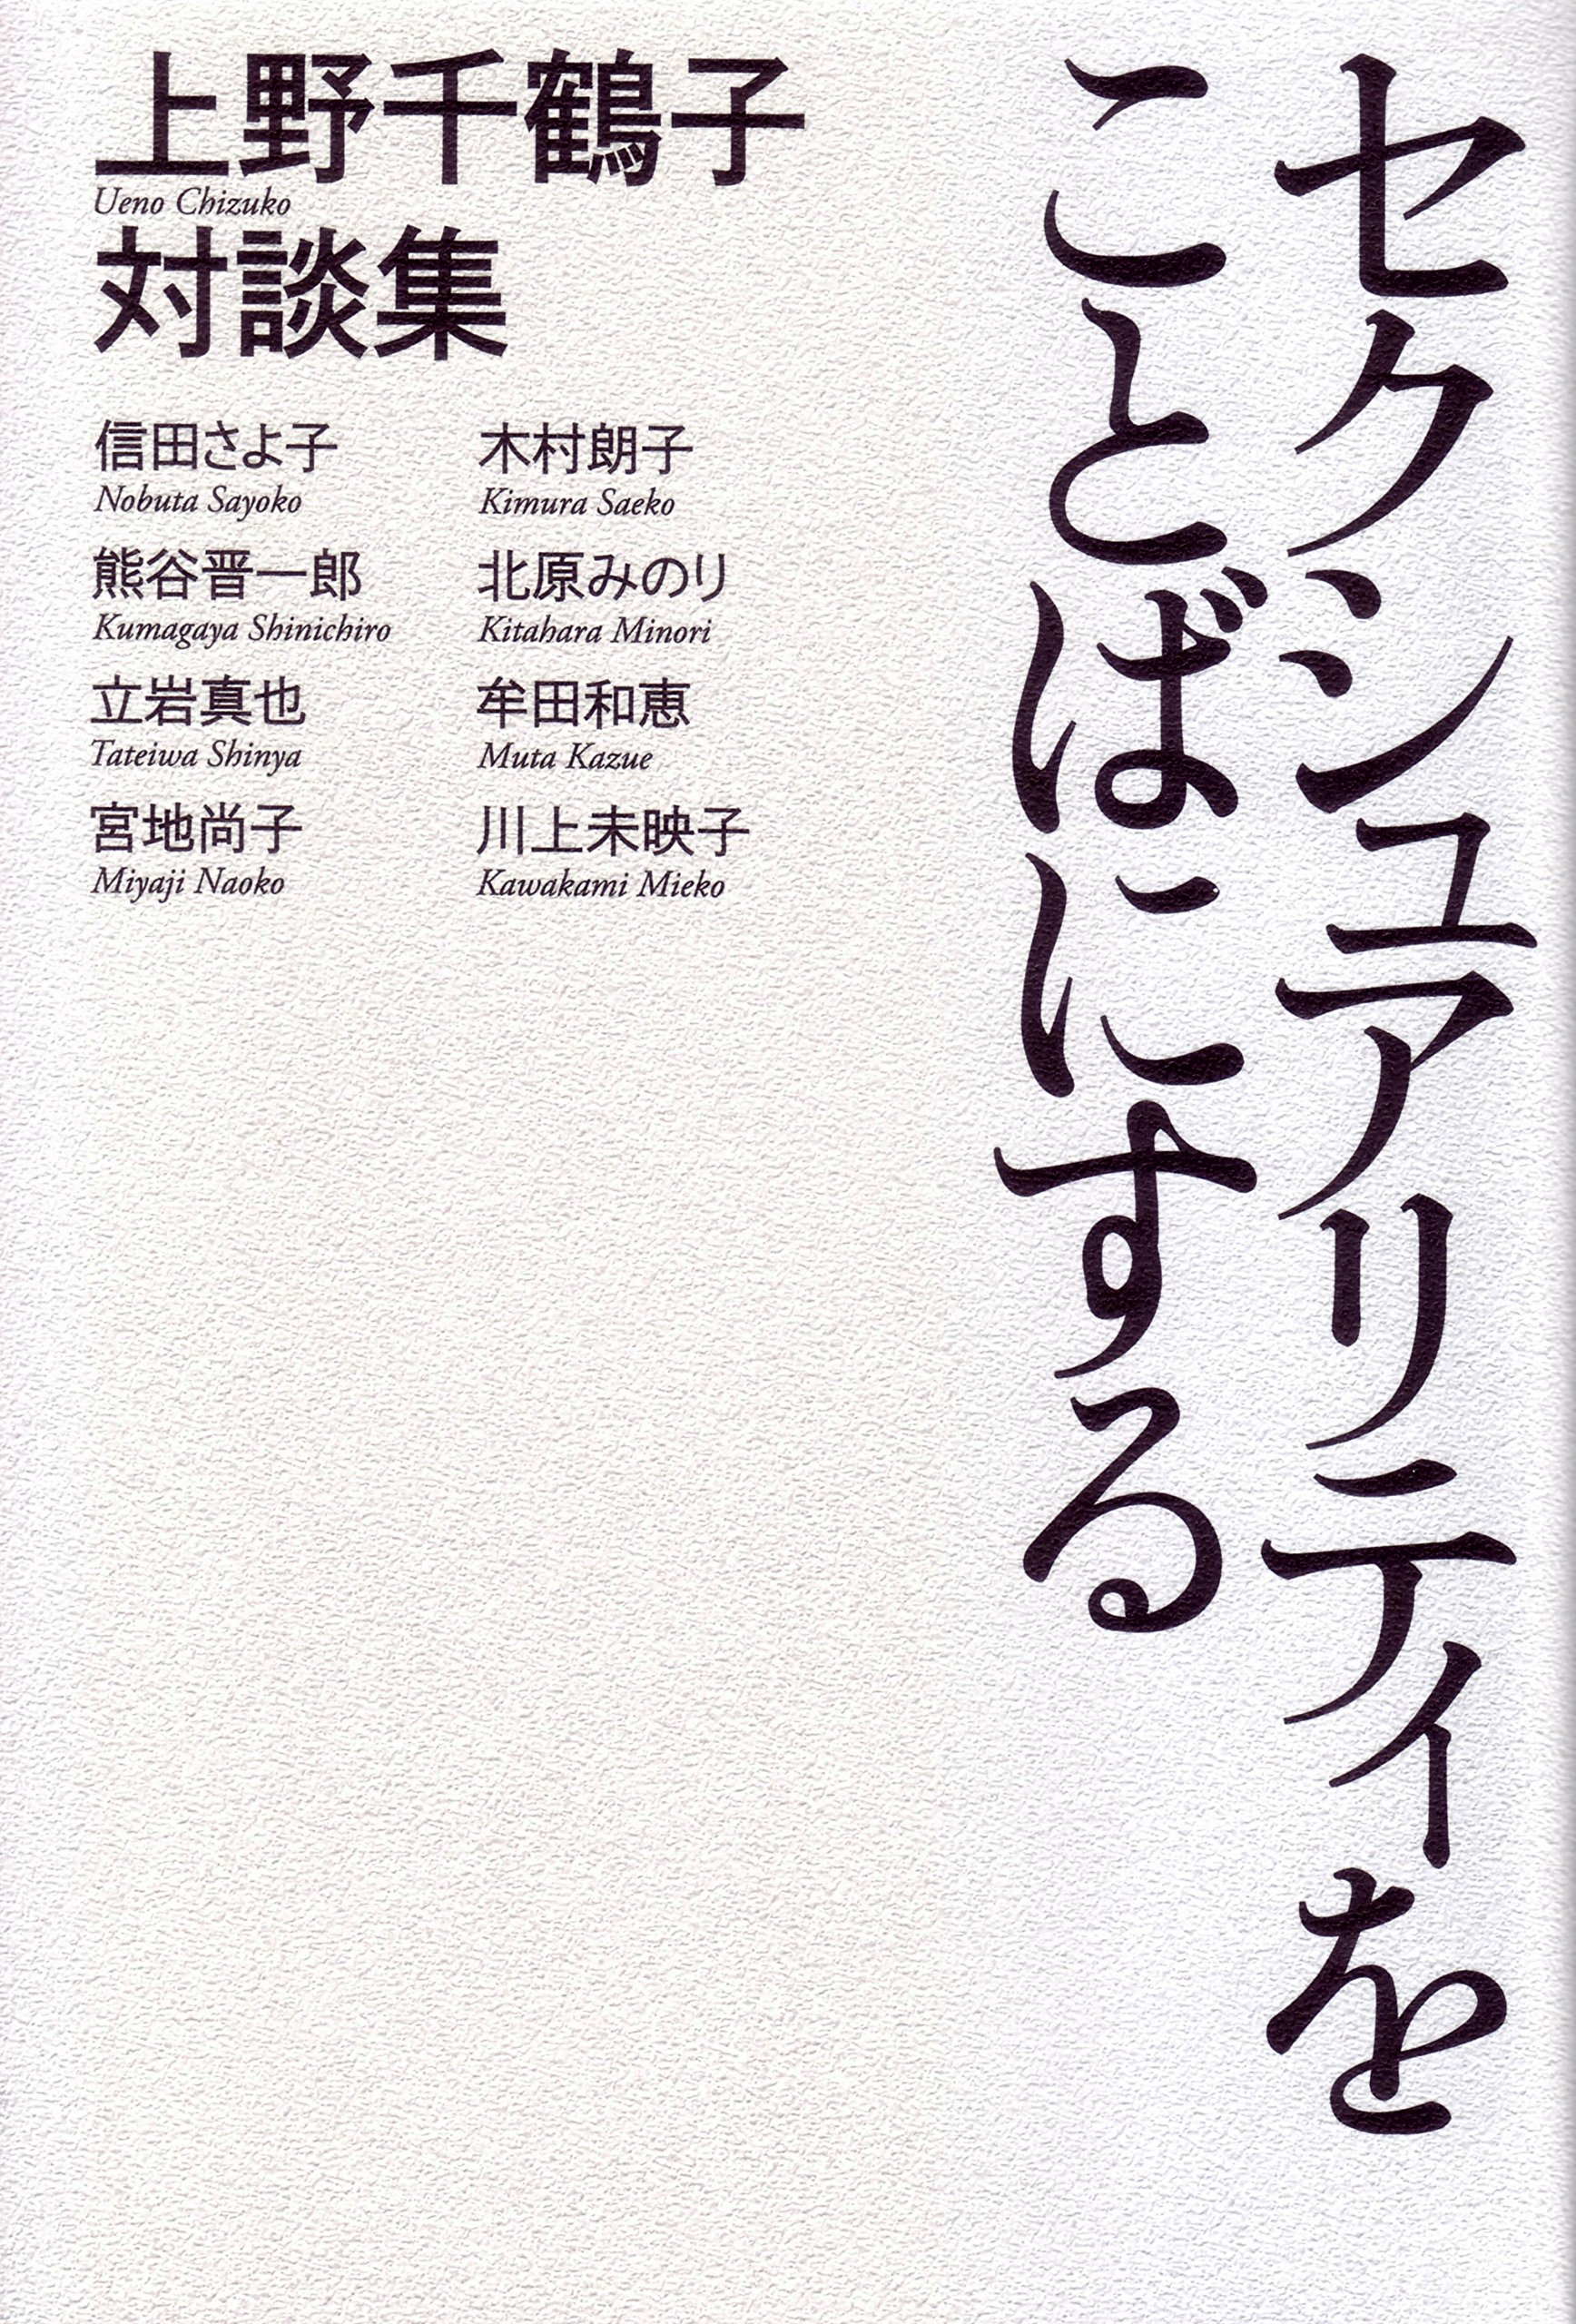 『セクシュアリティをことばにする 上野千鶴子対談集』書影